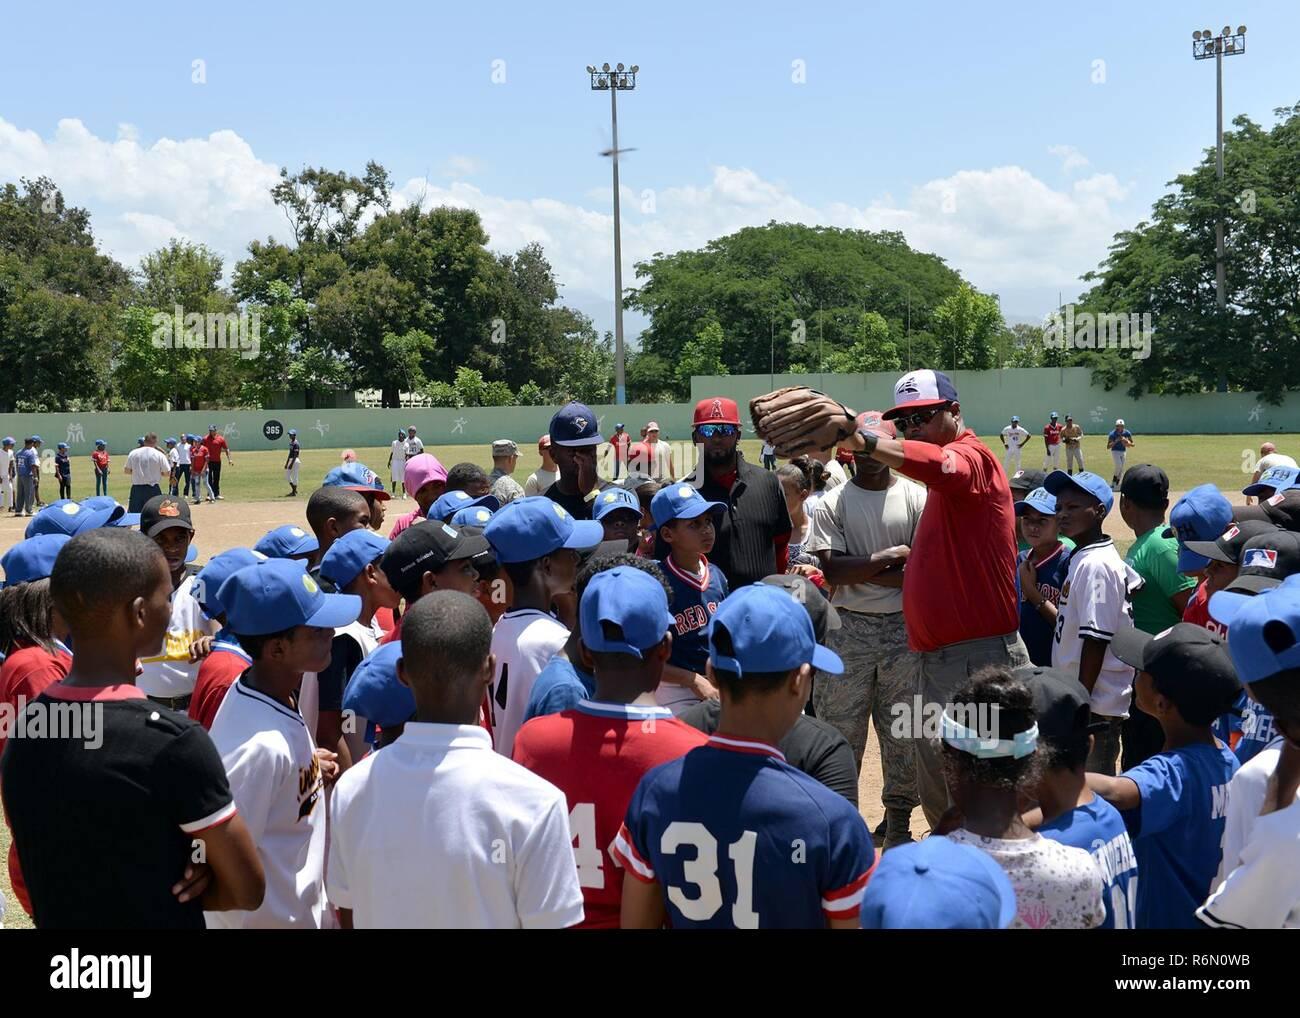 Dominican Republic Baseball Imágenes De Stock   Dominican Republic ... fc7966a4af53